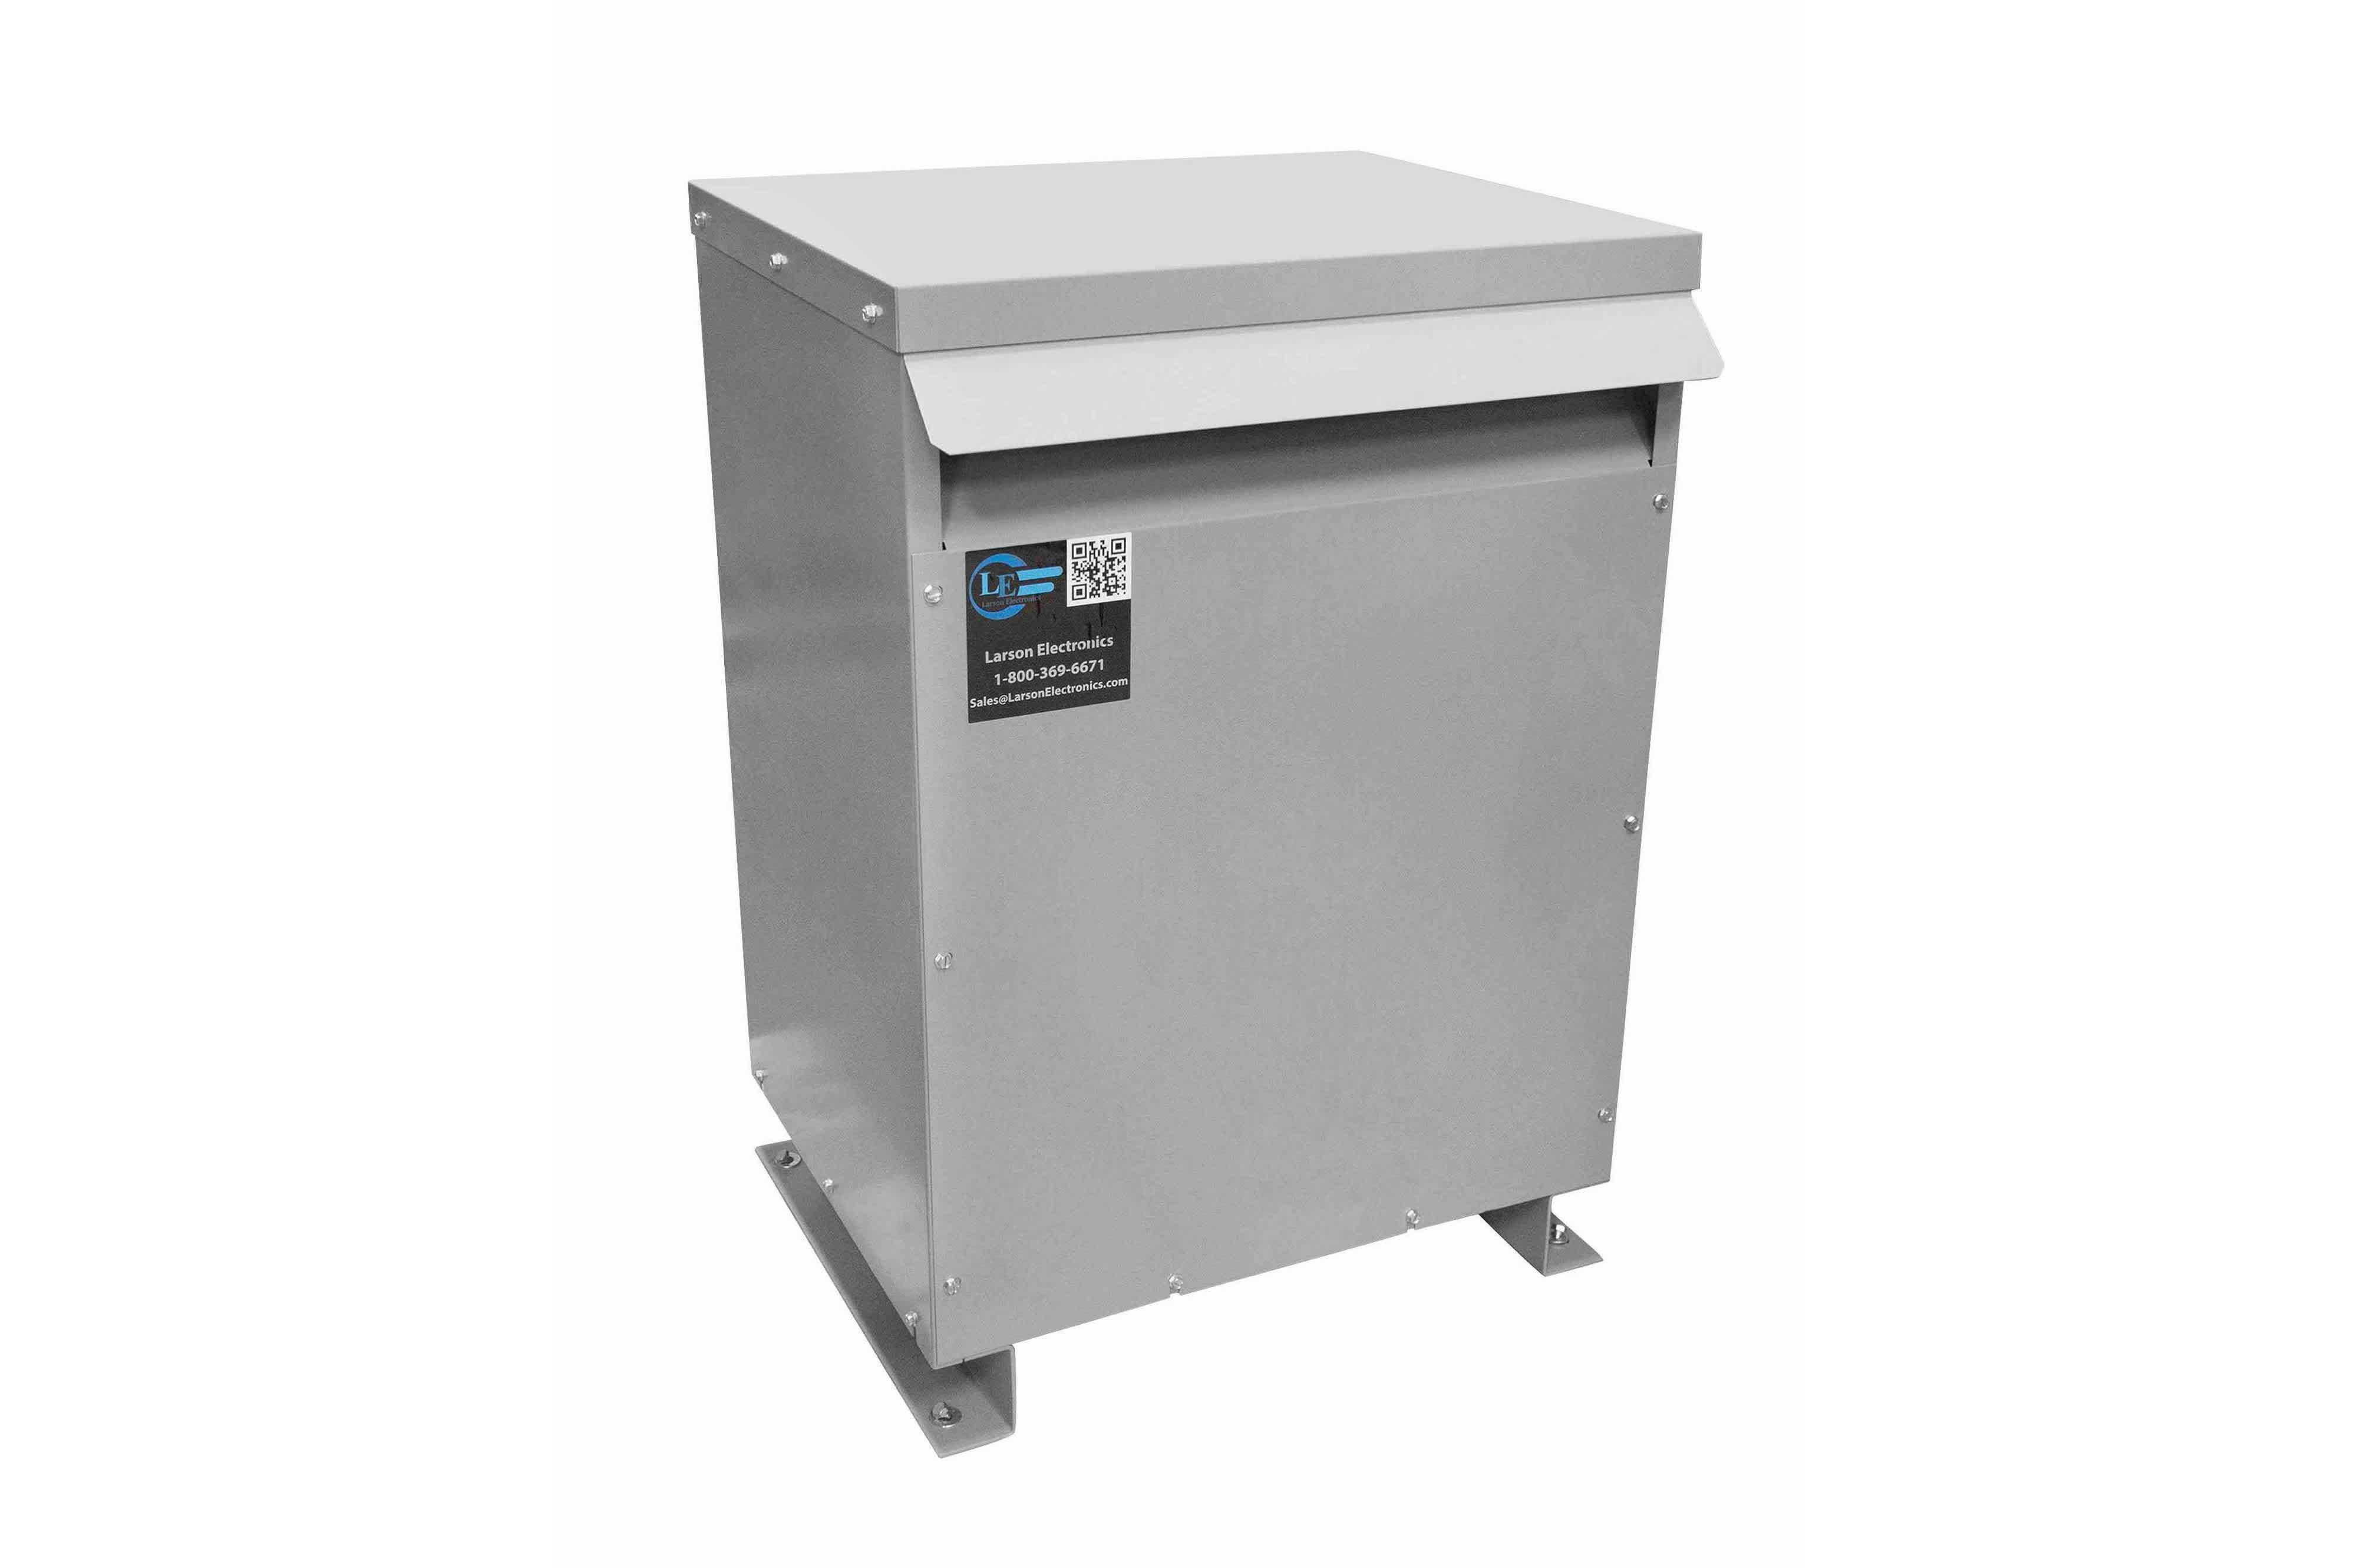 100 kVA 3PH Isolation Transformer, 208V Delta Primary, 480V Delta Secondary, N3R, Ventilated, 60 Hz